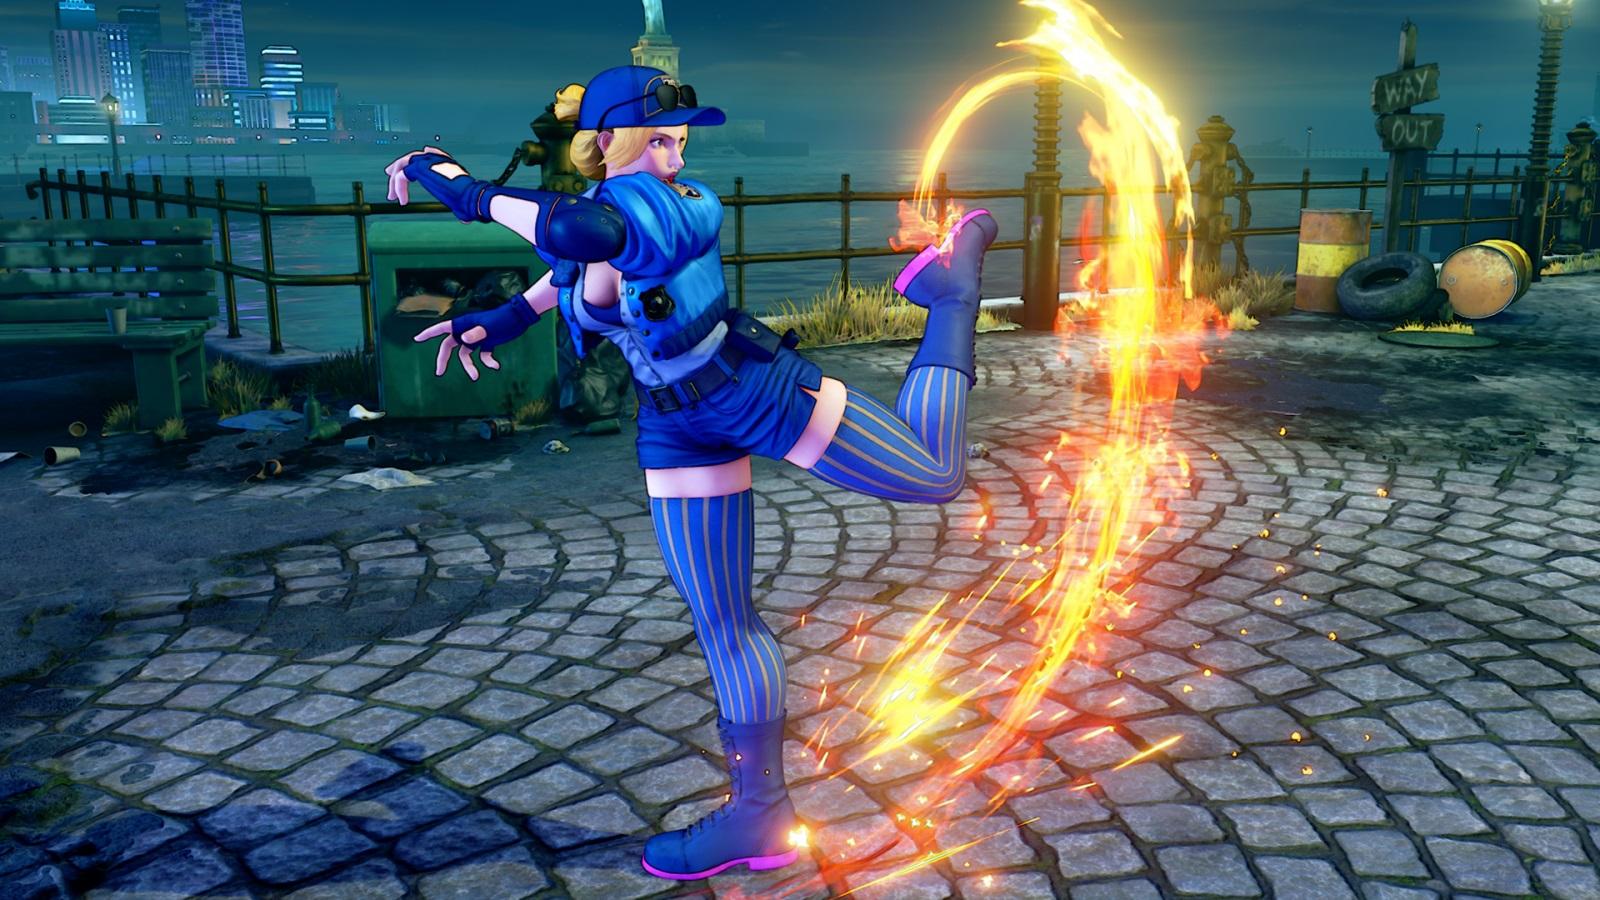 Valve apologizes for leaking Street Fighter V's DLC